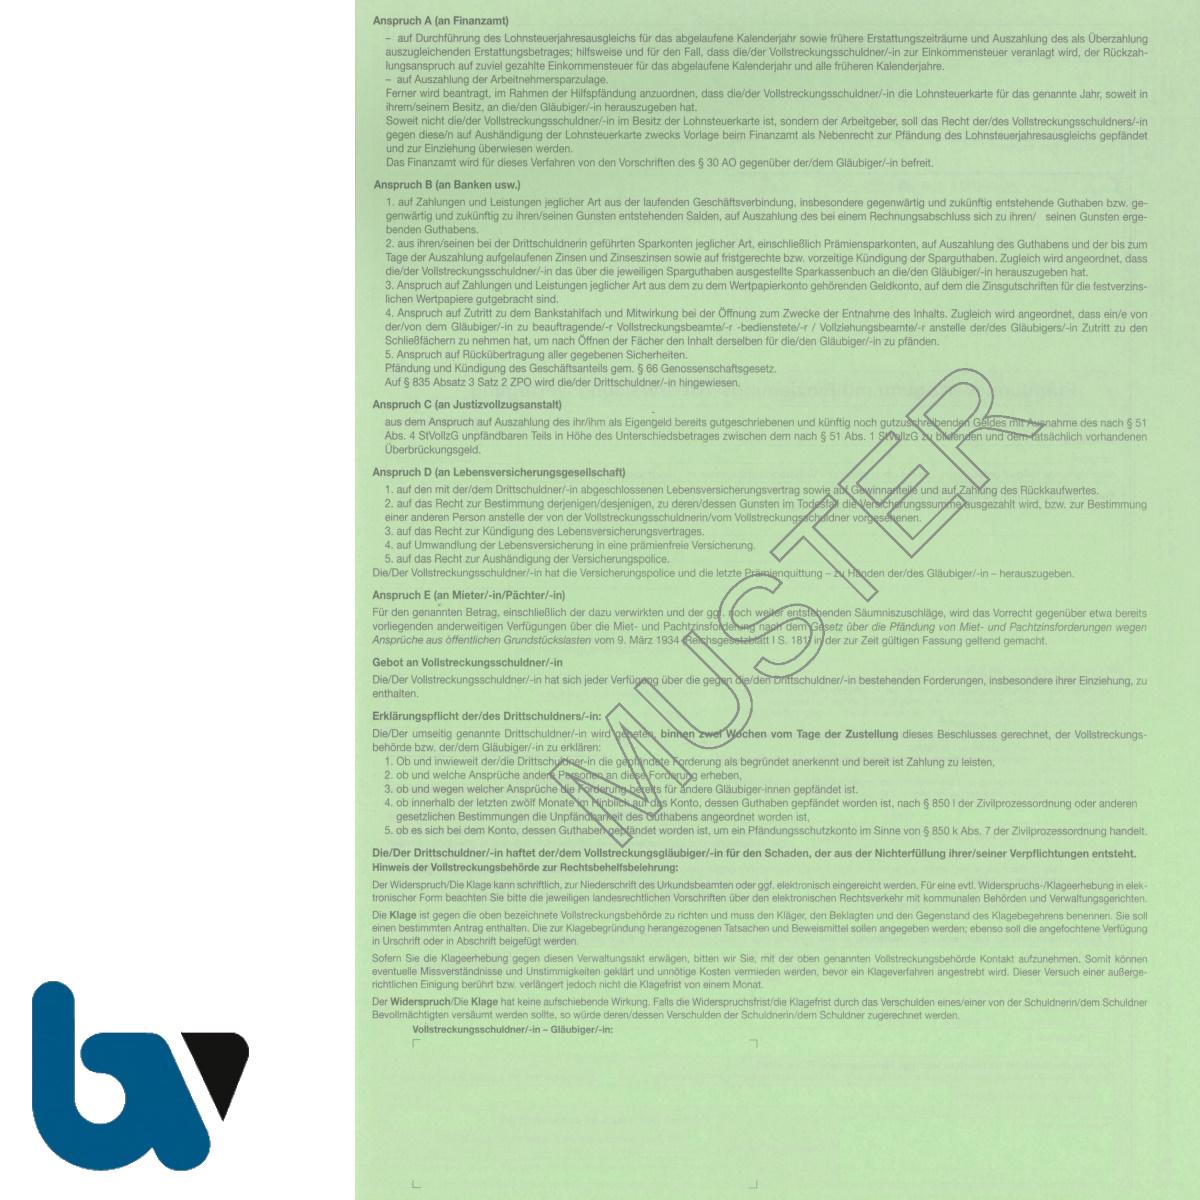 0/815-1 Pfändungsverfügung Einziehung Überweisung diverse Forderung Abgaben Konto Versicherung Miete Pacht Drittschuldnererklärung 4-fach selbstdurchschreibend DIN A4 Rückseite | Borgard Verlag GmbH